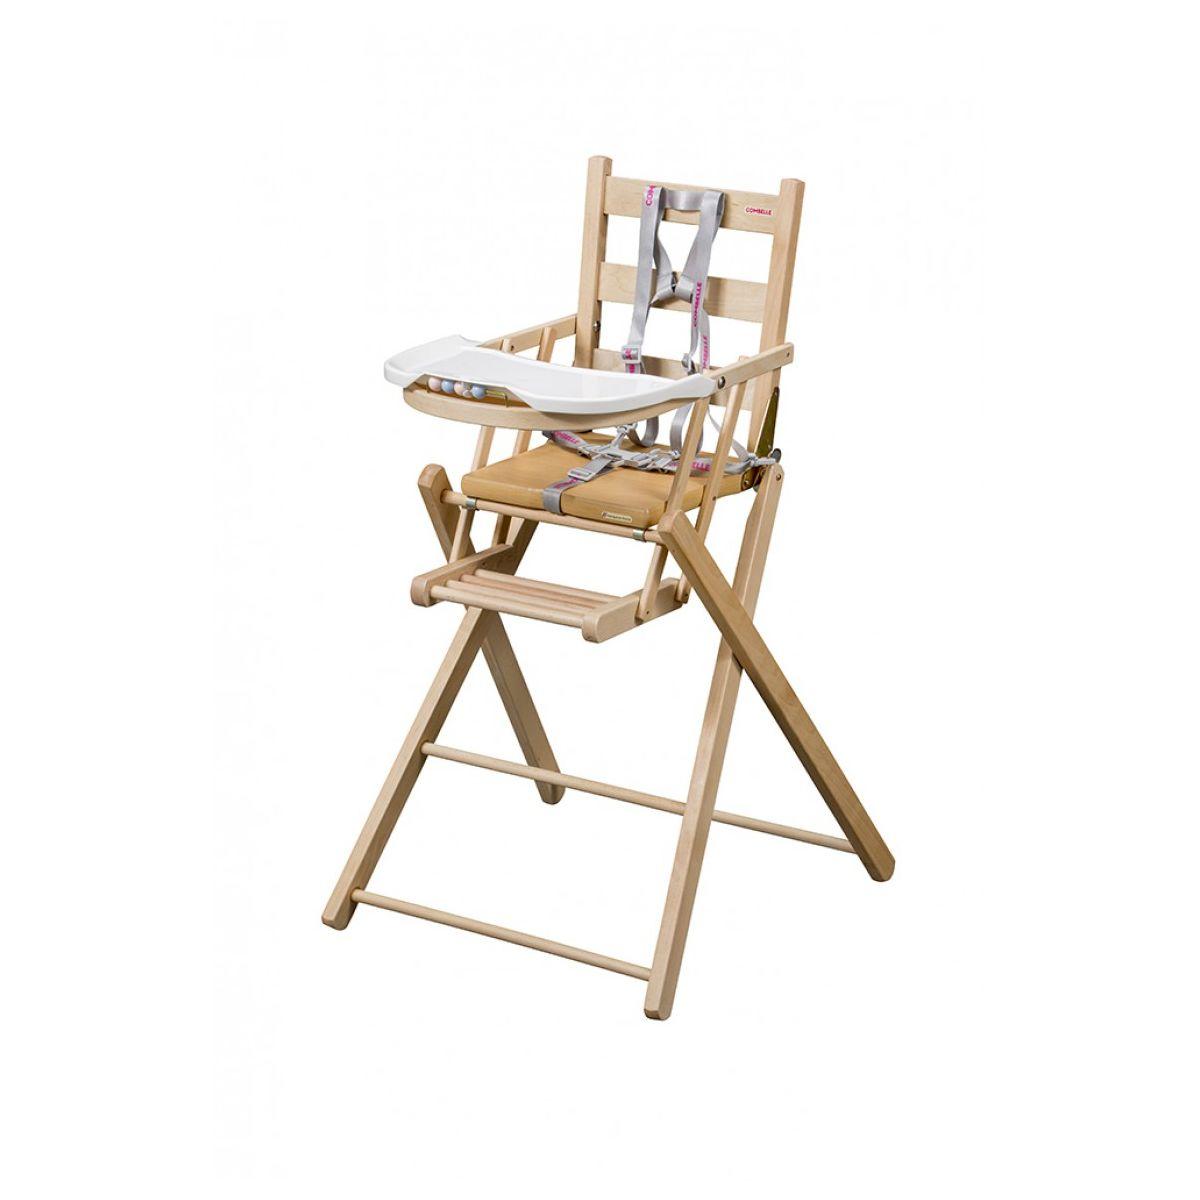 Kinderstoel Voor Op Reis.Hoge Kinderstoel Extra Plooibaar 84 Natuurlijk Vernis Sebio